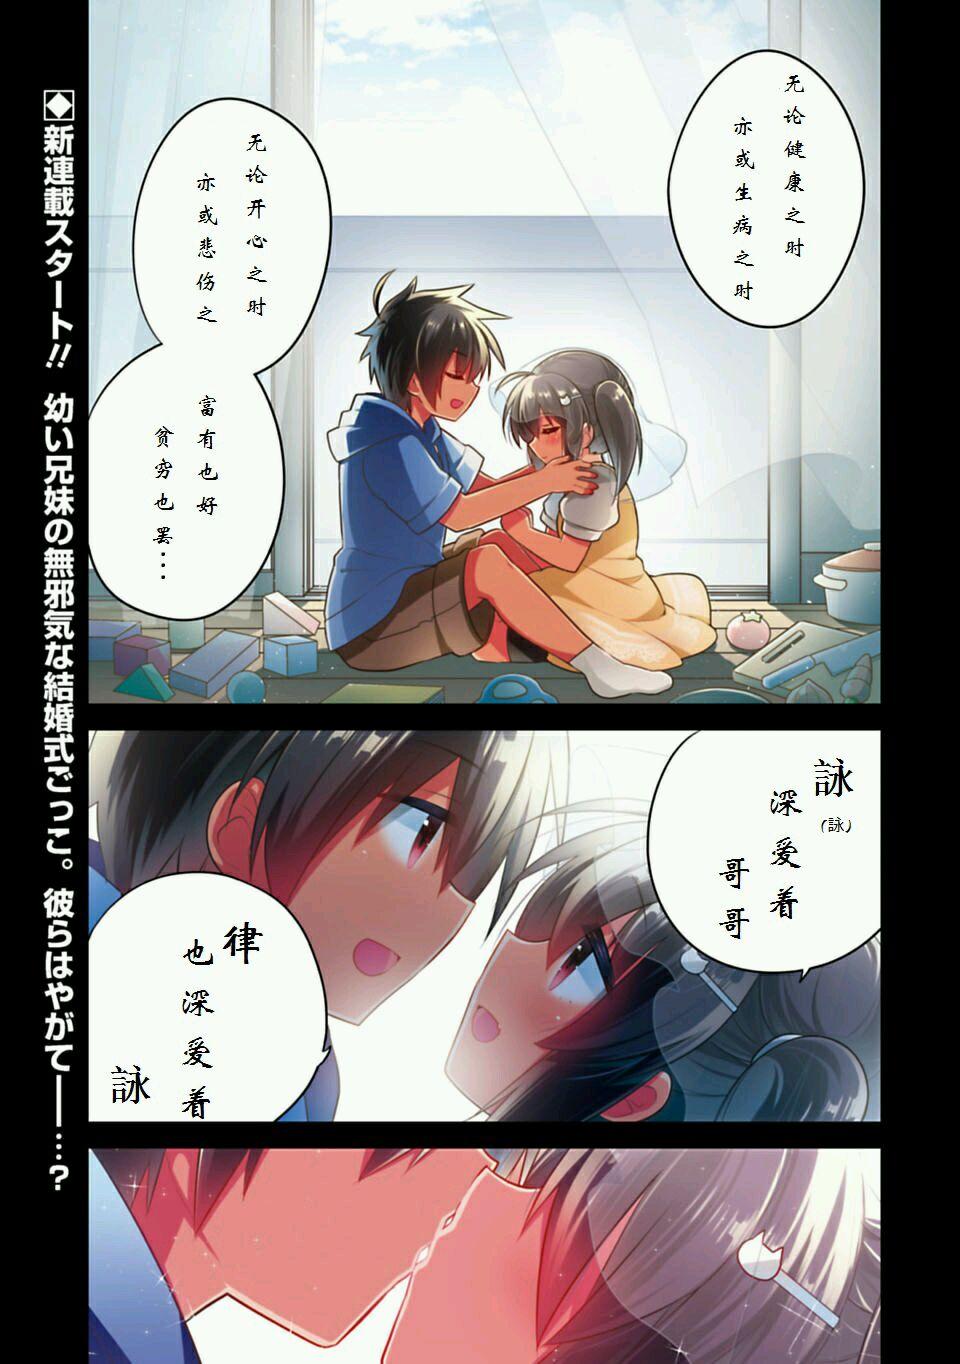 Tag:色妹妹|色妹妹成人_【漫画】妹控哥哥与兄控妹妹变诚实 #01